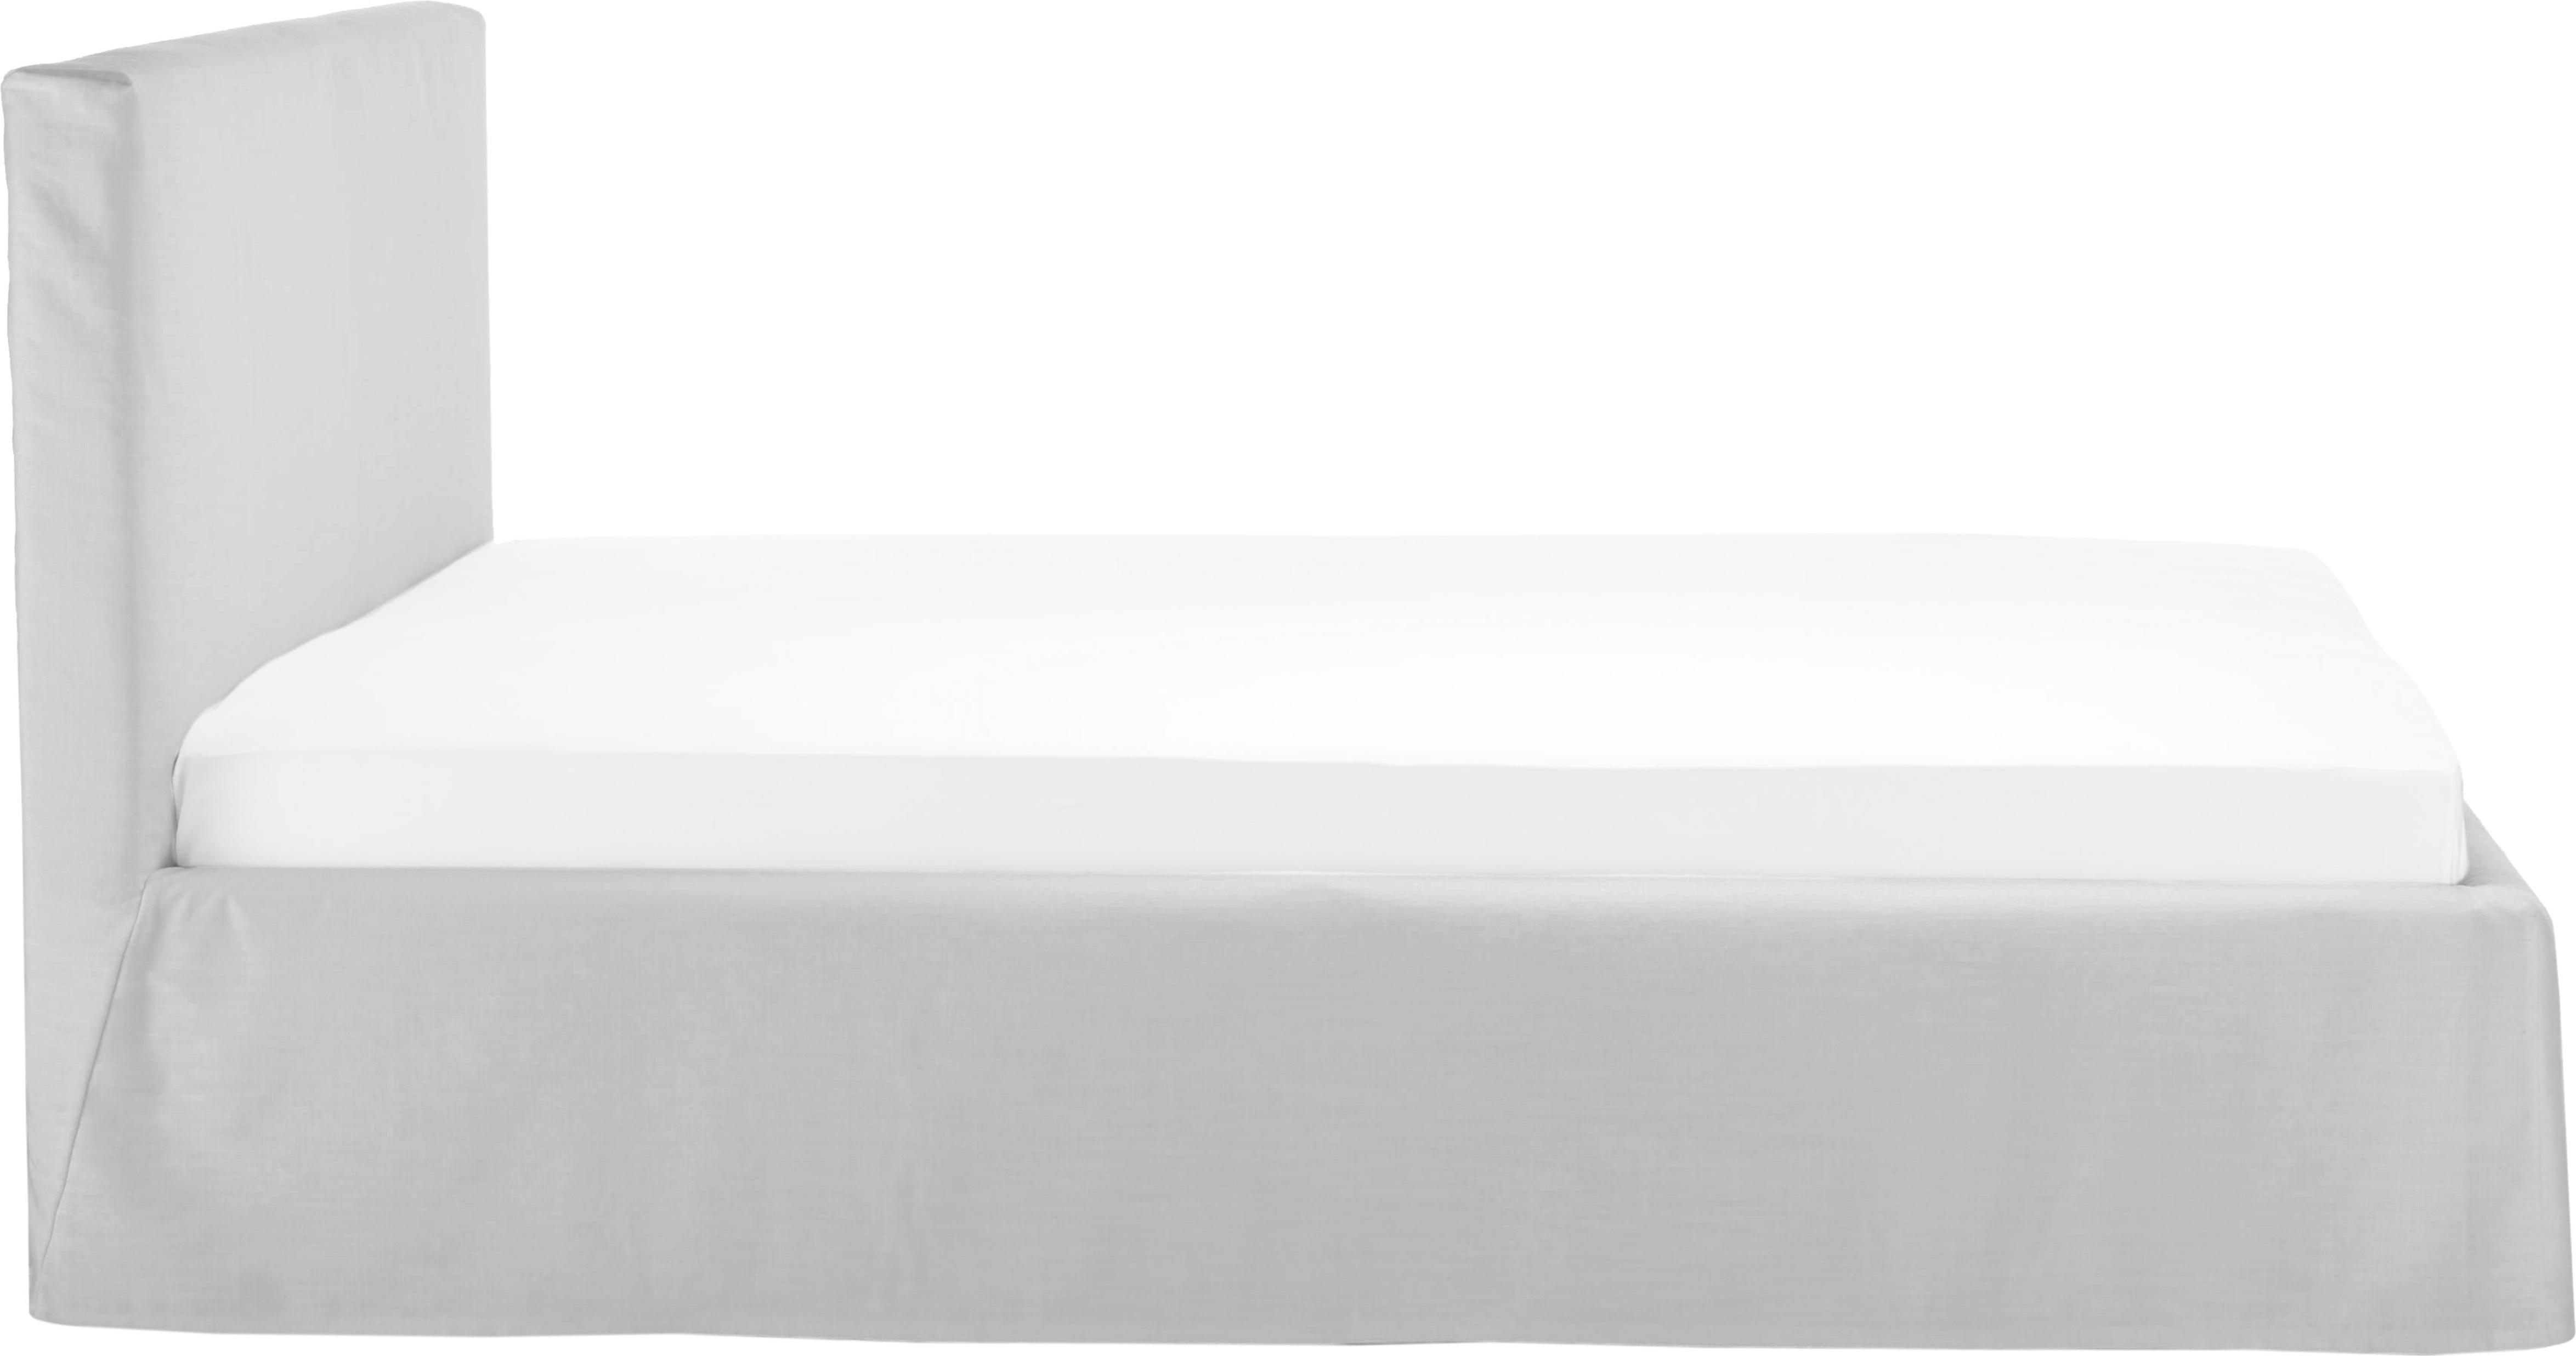 Letto matrimoniale imbottito con contenitore Feather, Rivestimento: Poliestere (tessuto strut, Grigio chiaro, Larg. 160 x Lung. 200 cm